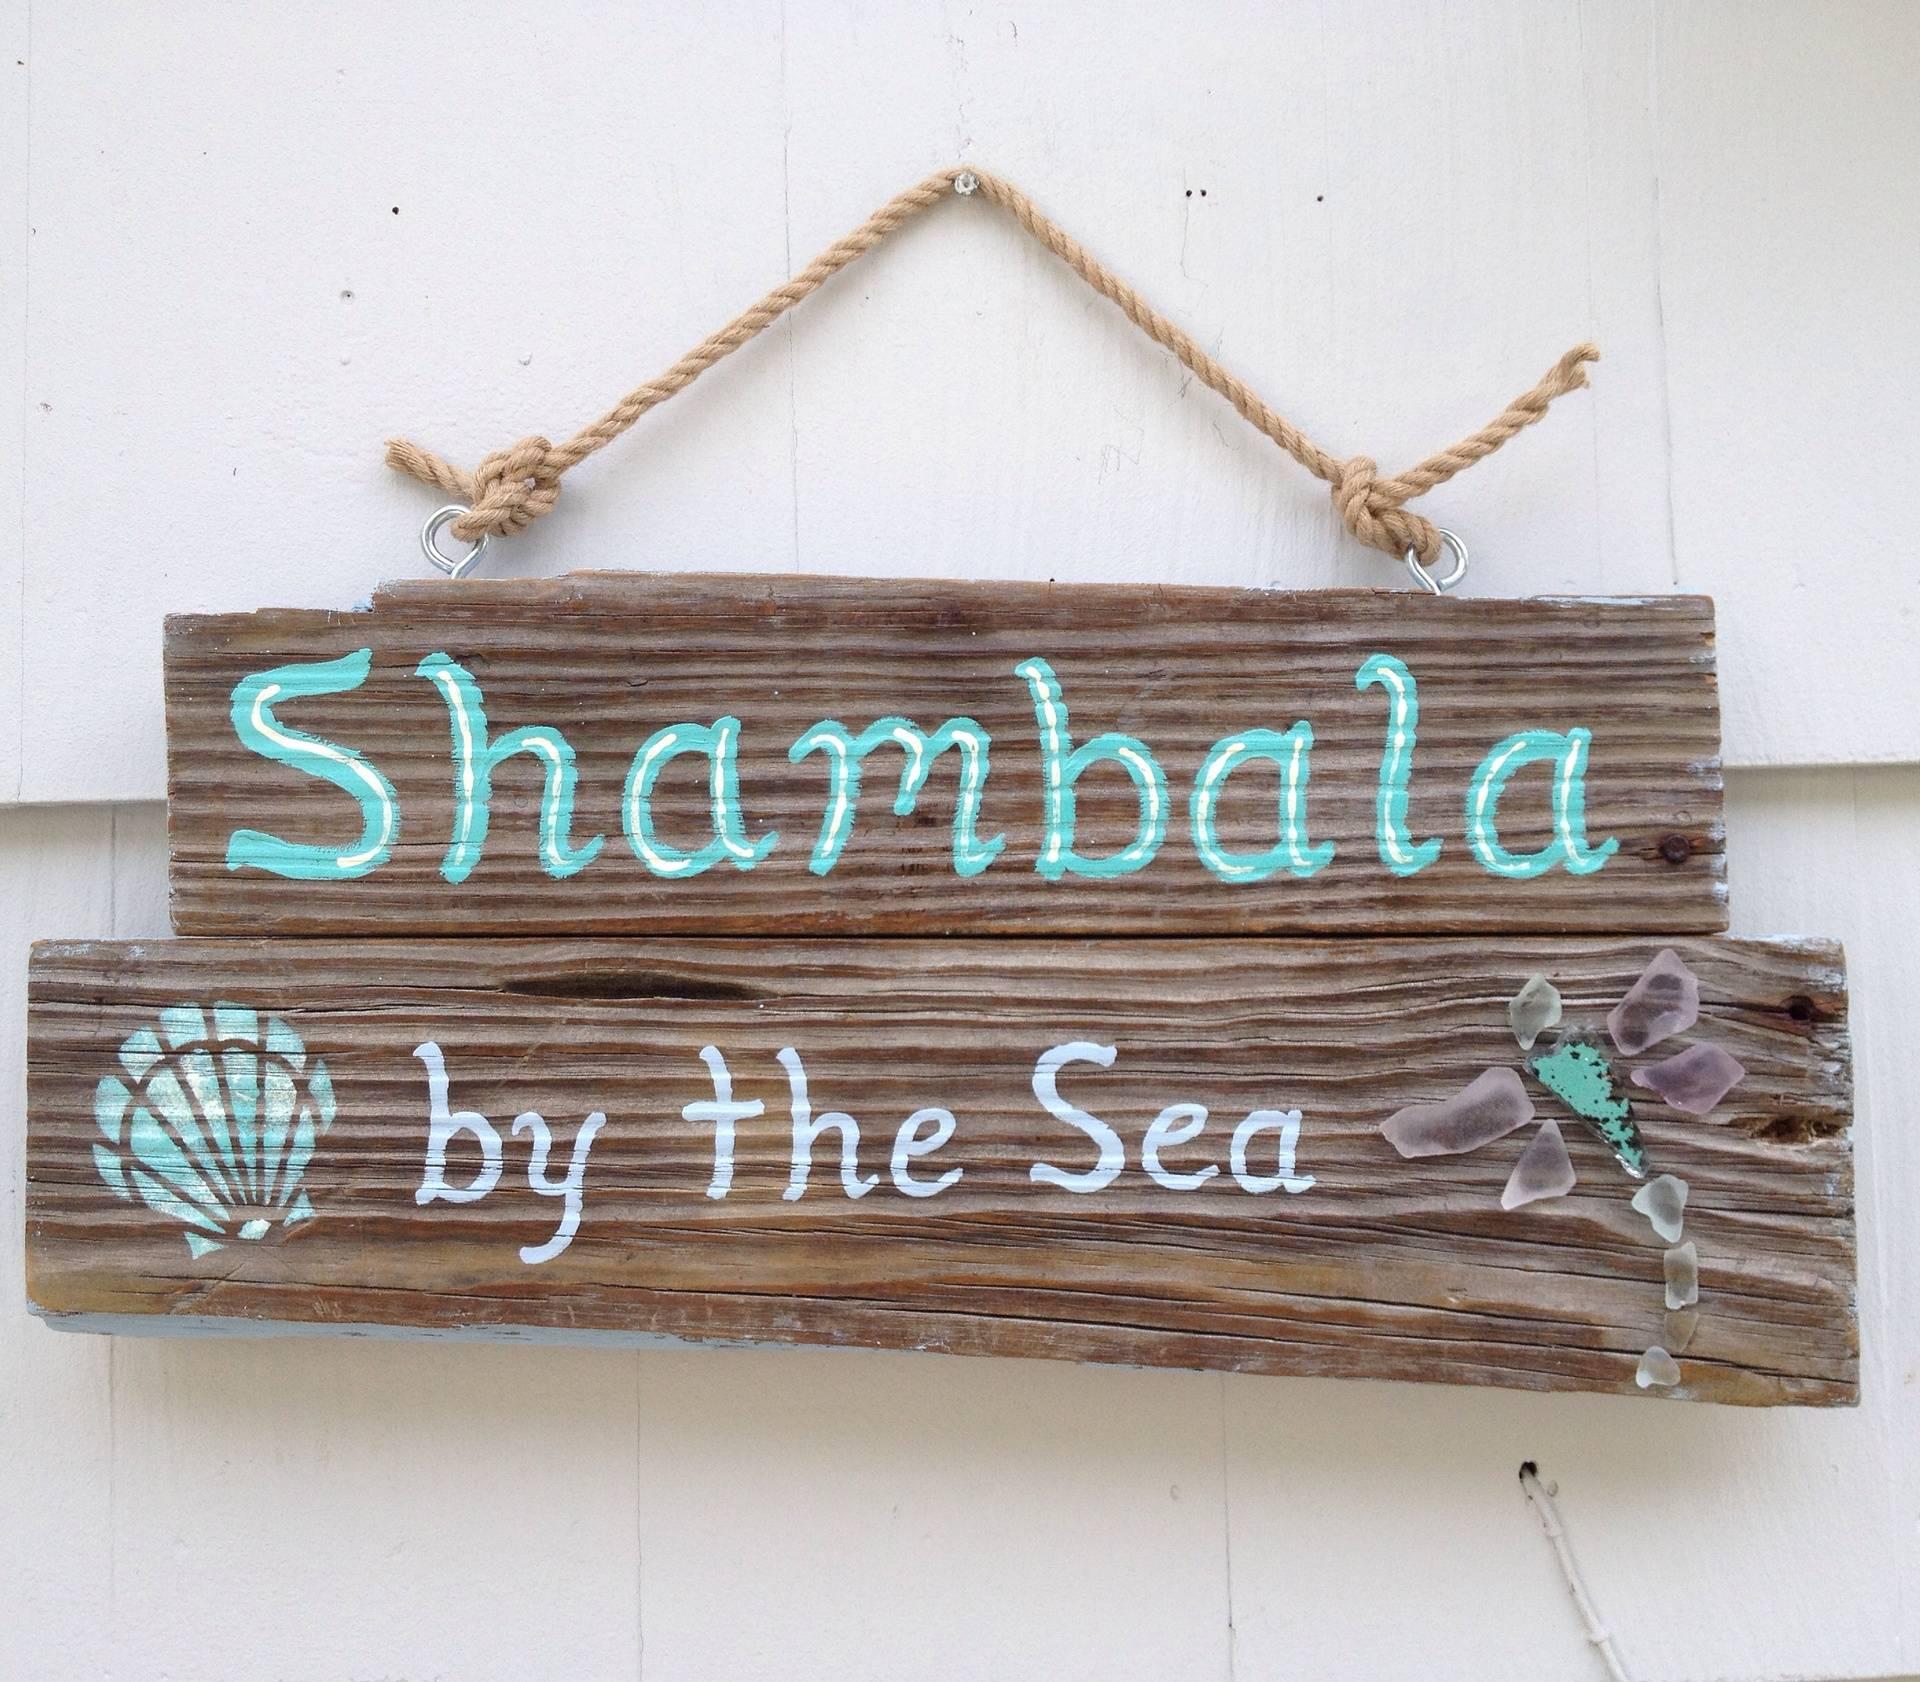 Shambala by the Sea